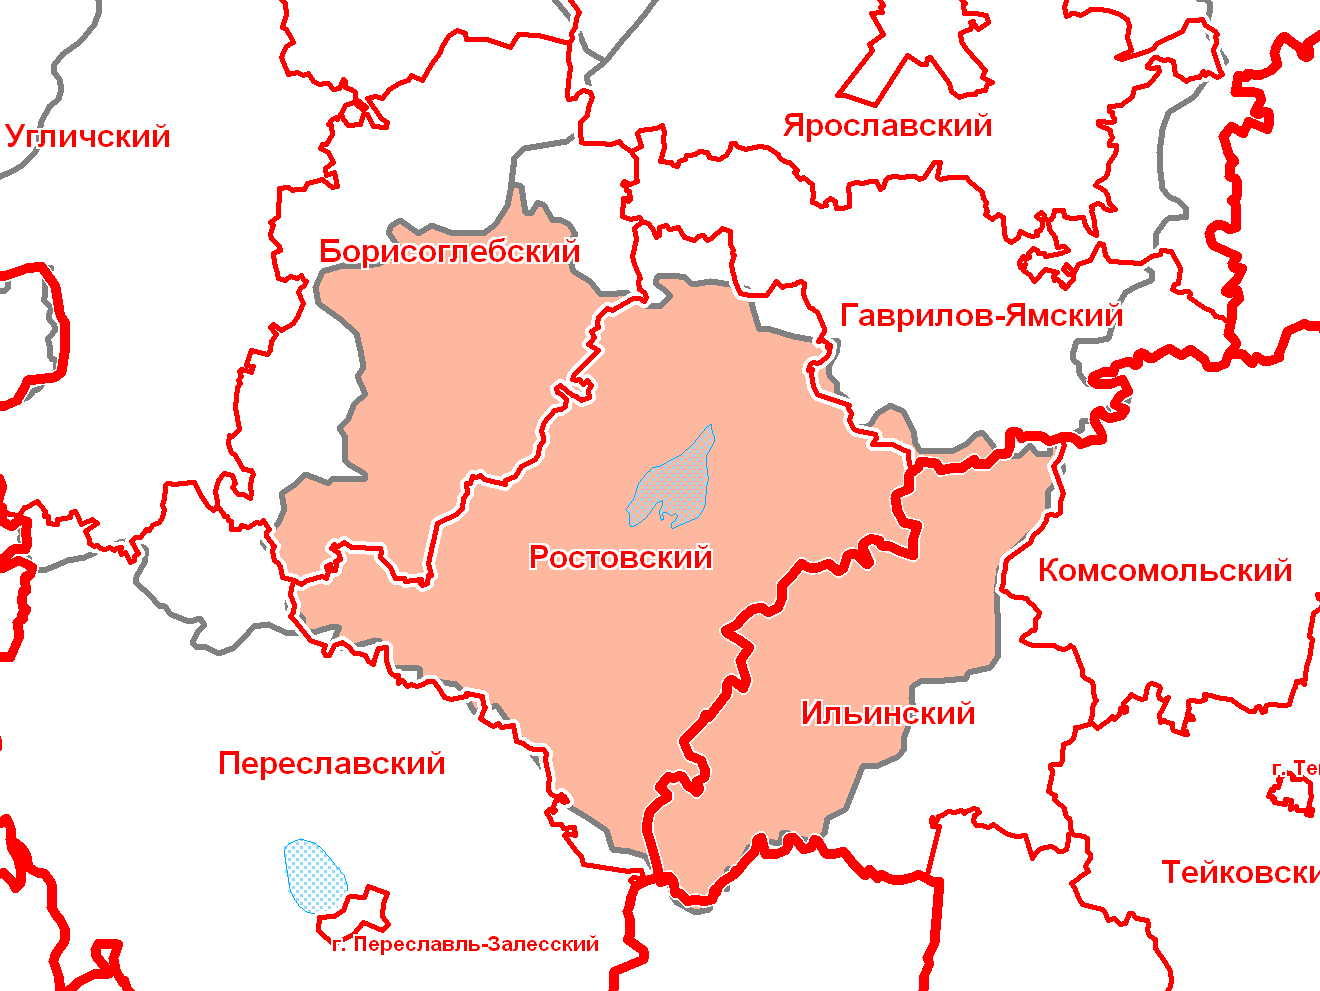 Ростовский уезд ярославской губернии